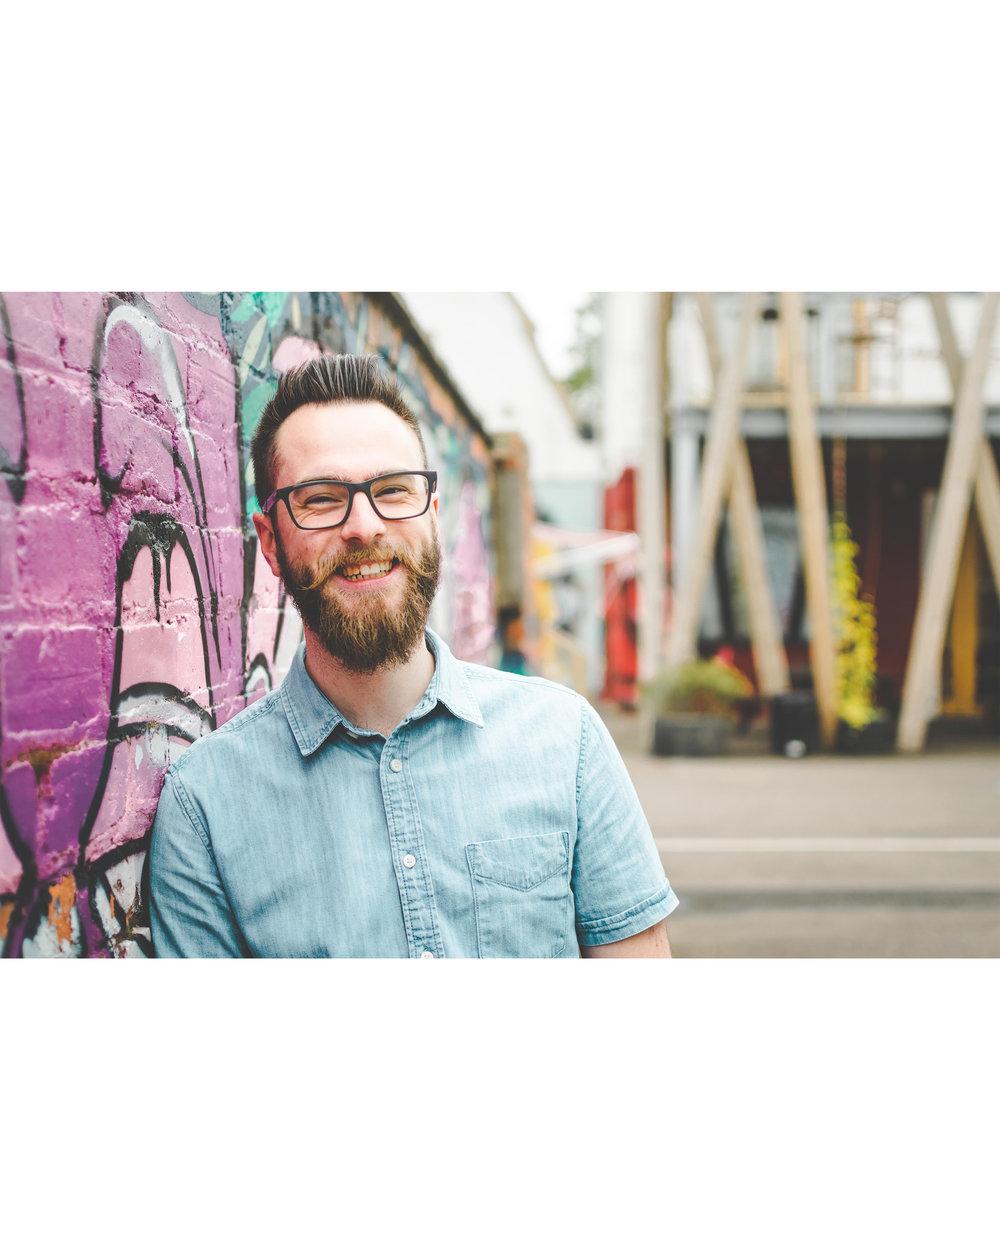 Steve Portrait shoot